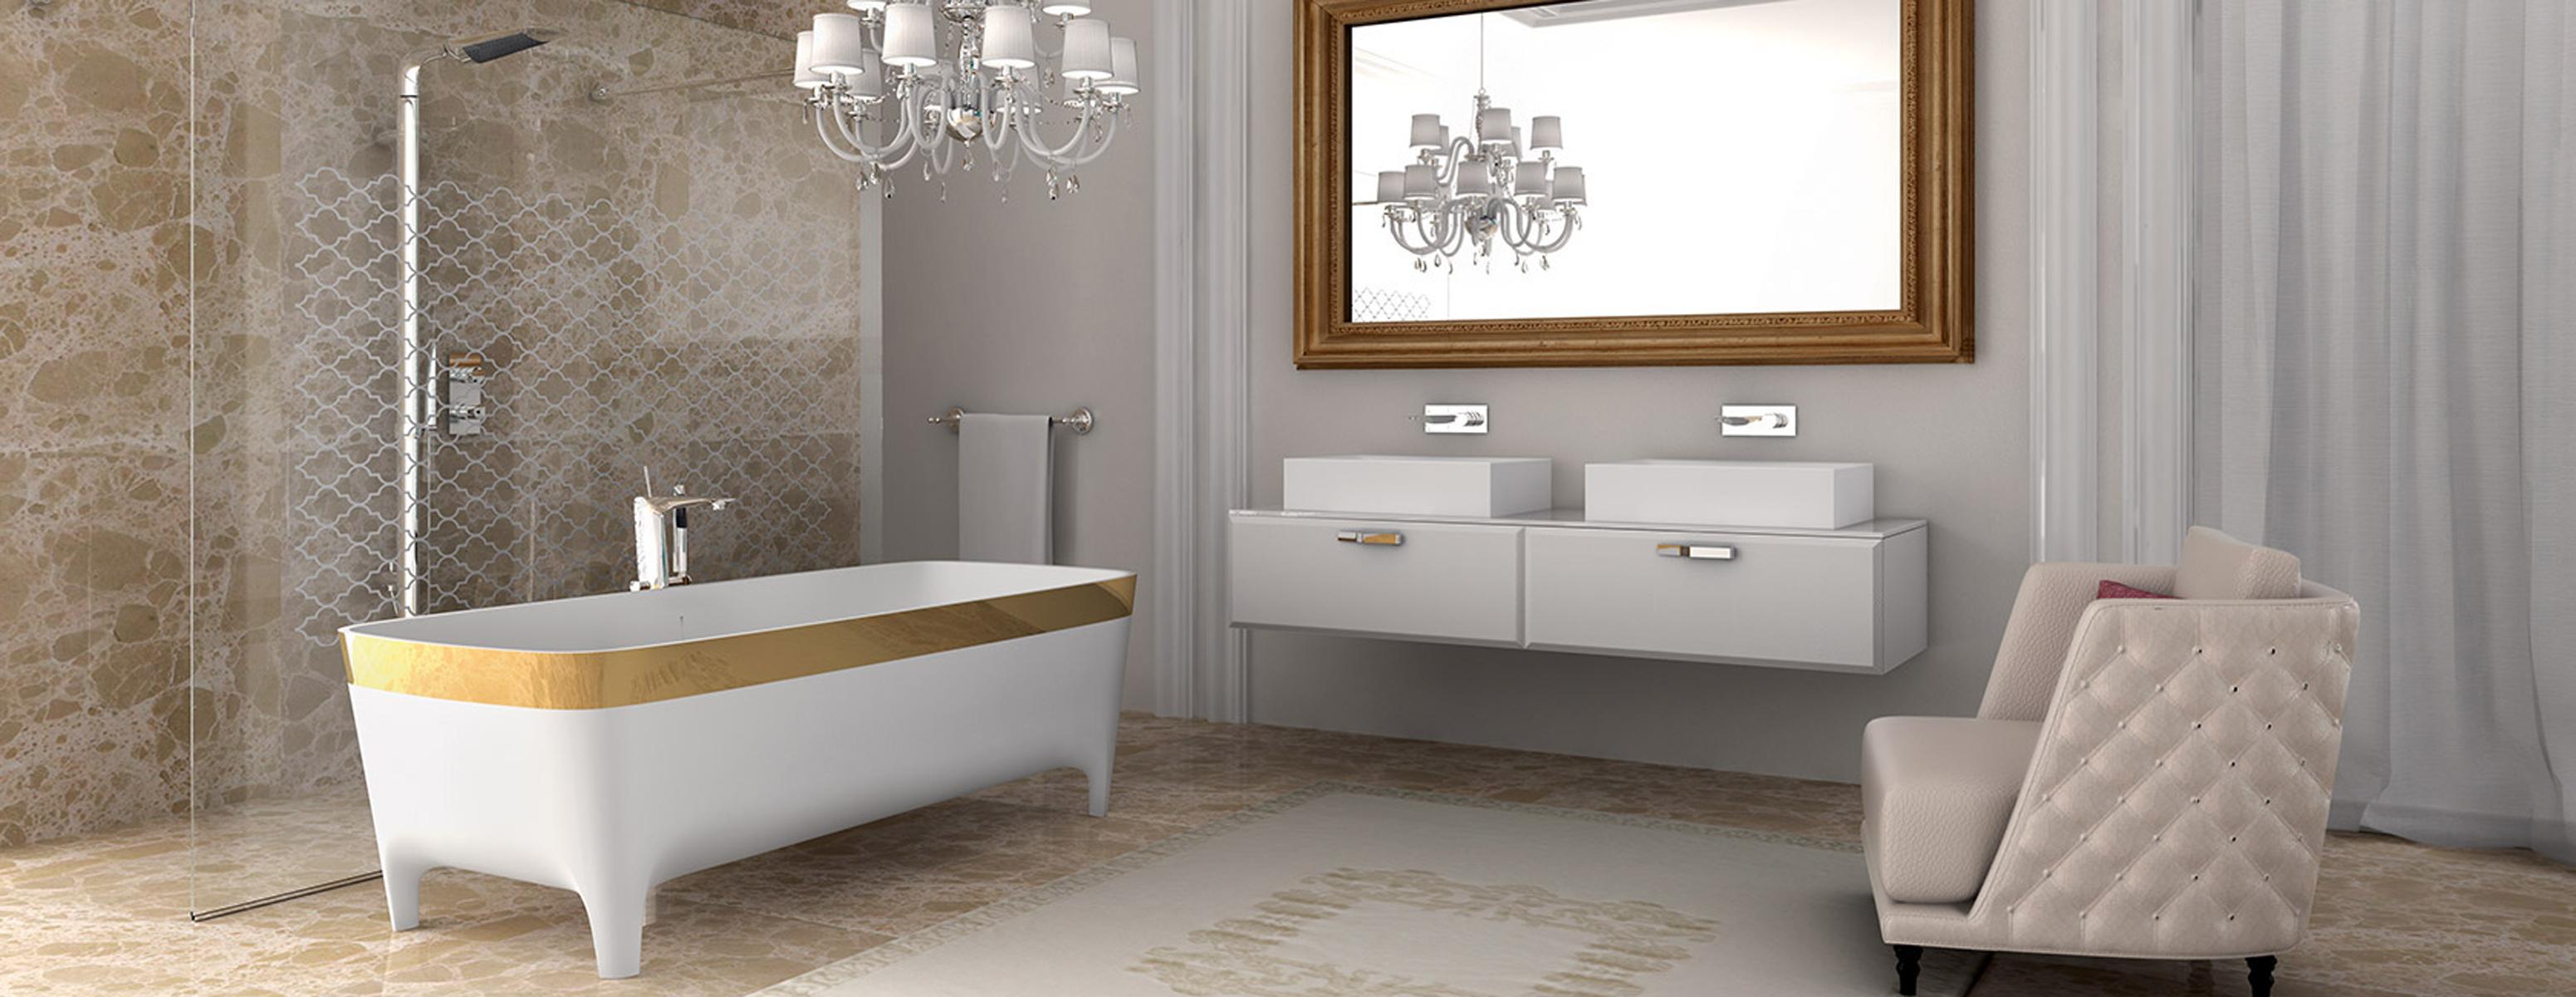 Arredo bagno sabia design center - Produzione vasche da bagno ...